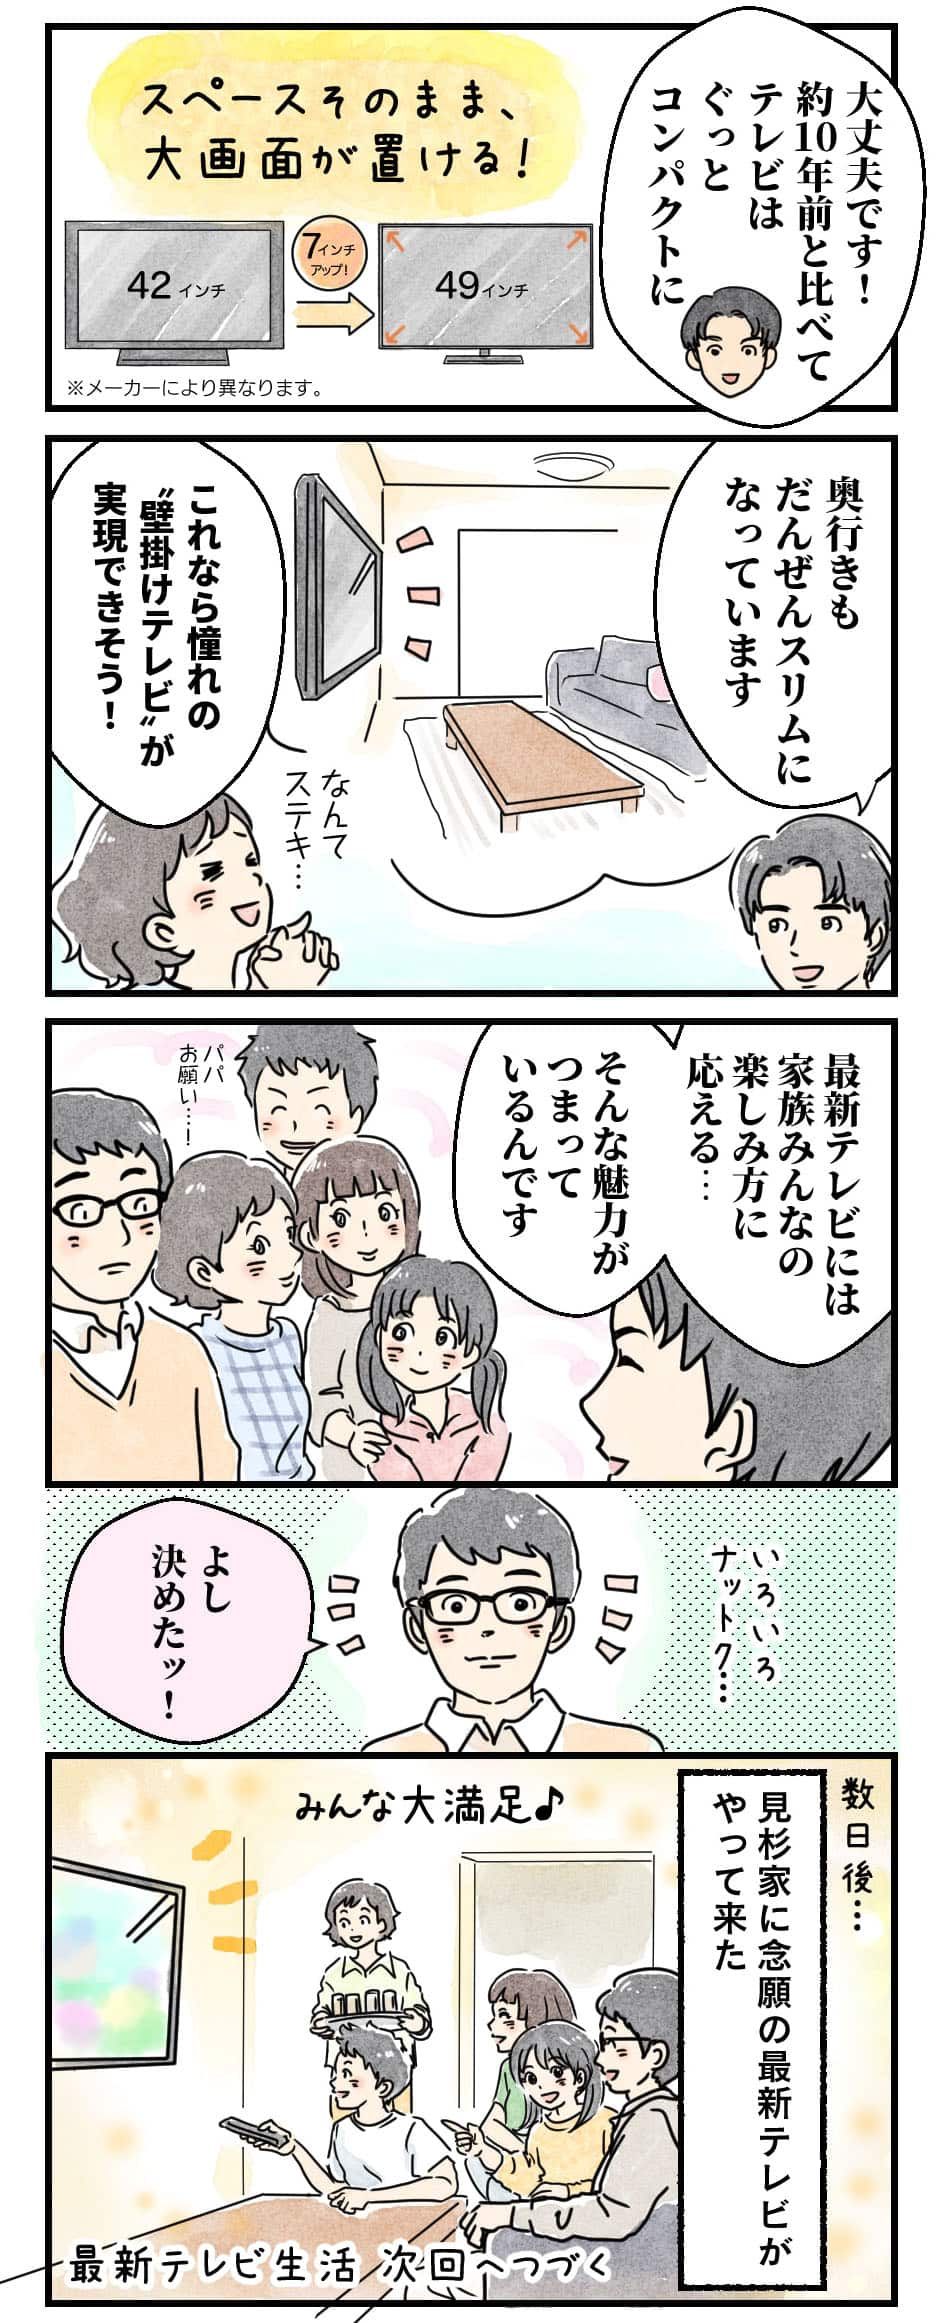 第2話_03